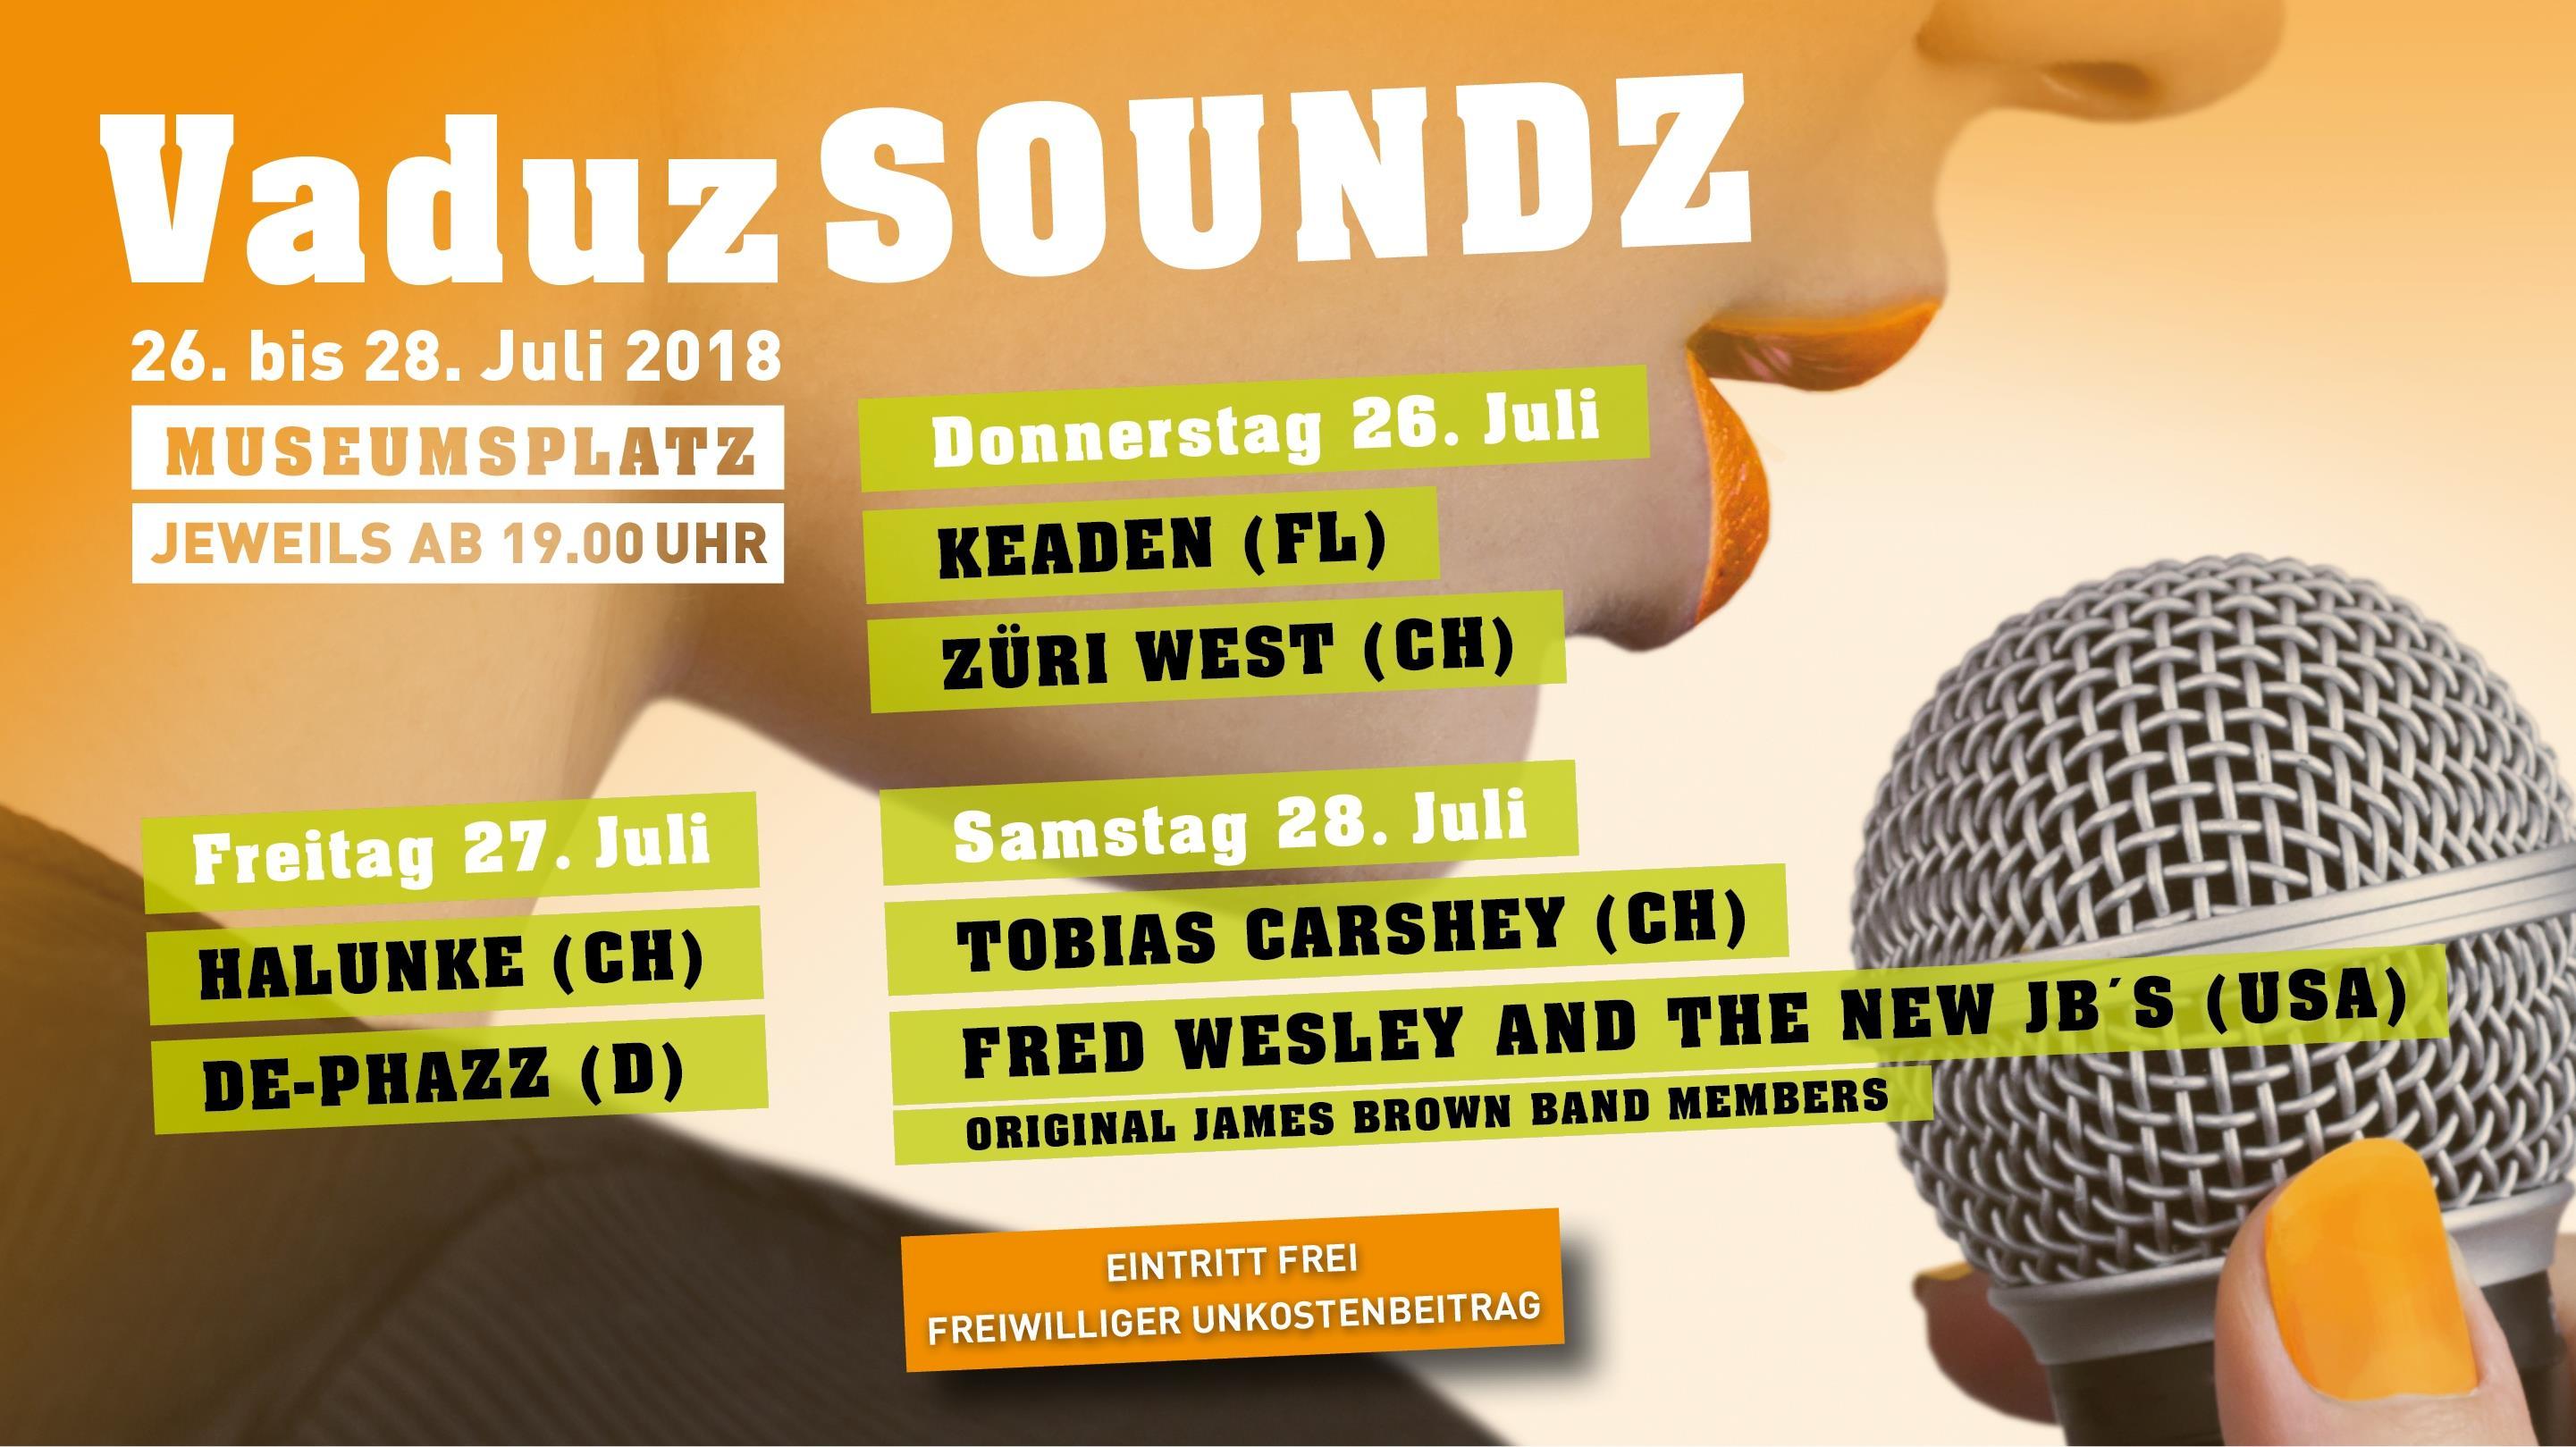 Vaduz Soundz